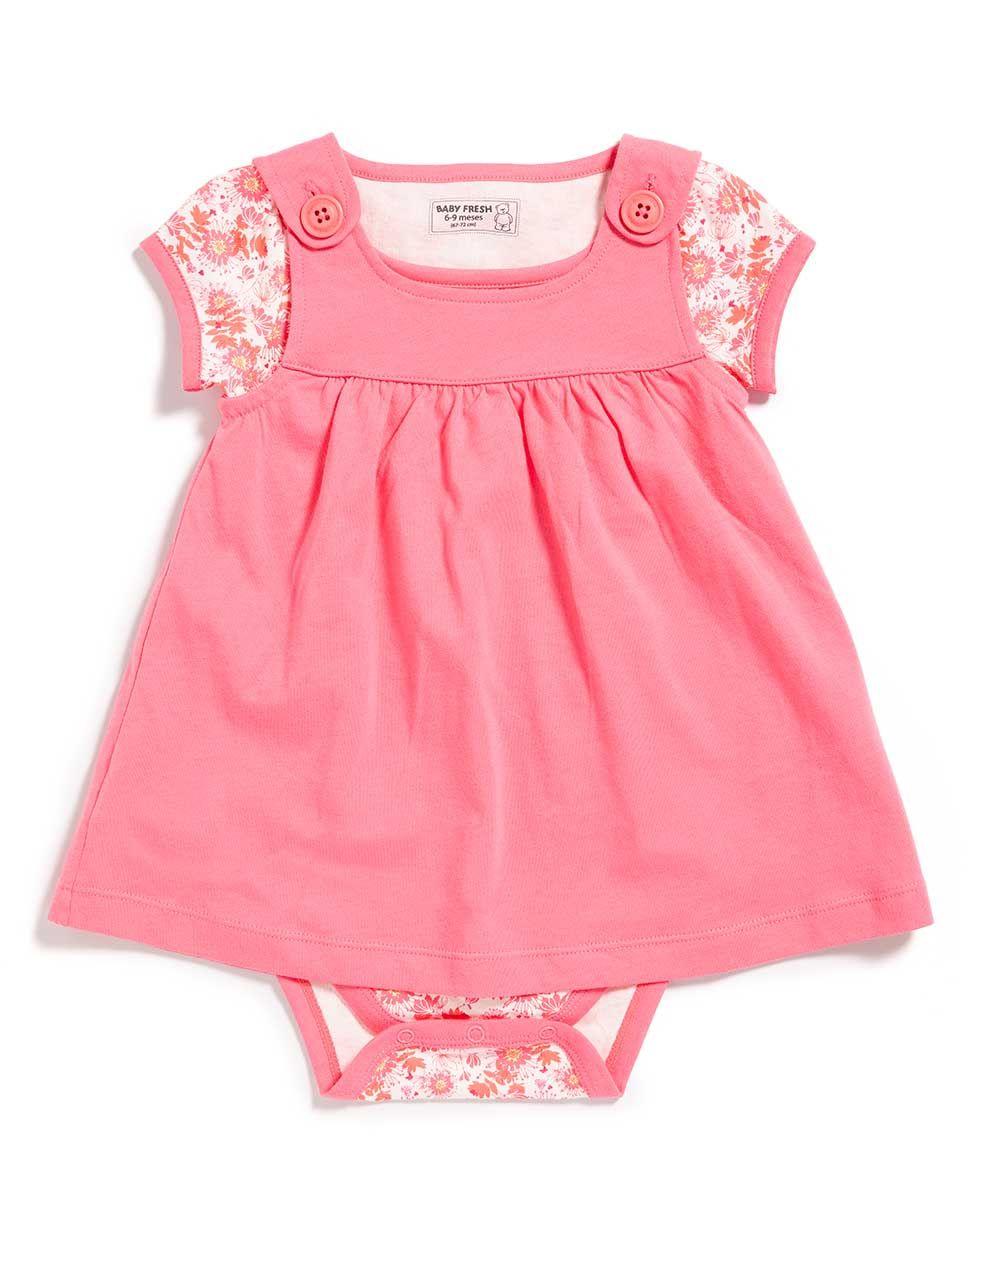 Vestido-Bebe-Nina-Belindi-Conjunto-Rosado-10947-Frente-Baby-Fresh ...